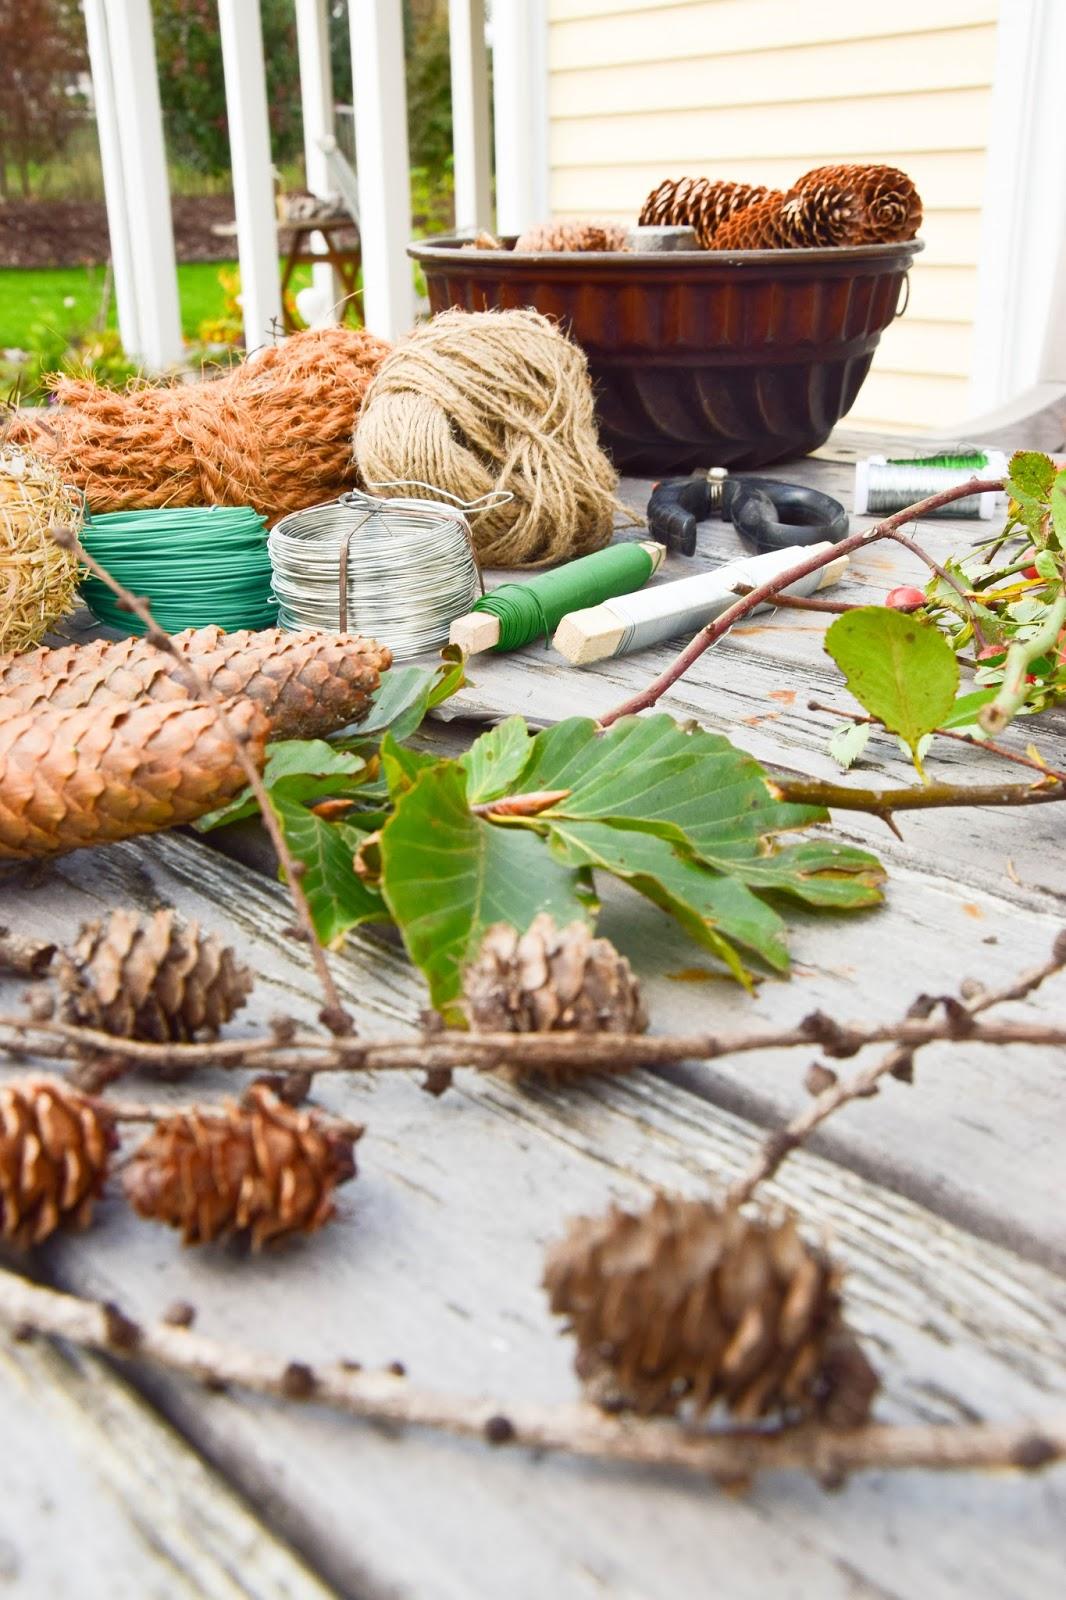 Good Top Kranz Aus Moos Selber Machen Diy Mooskranz Einfach Und Schnell Fr  Herbst Und Winter Die With Tischdeko Selber Machen Winter With Herbst  Tischdeko.